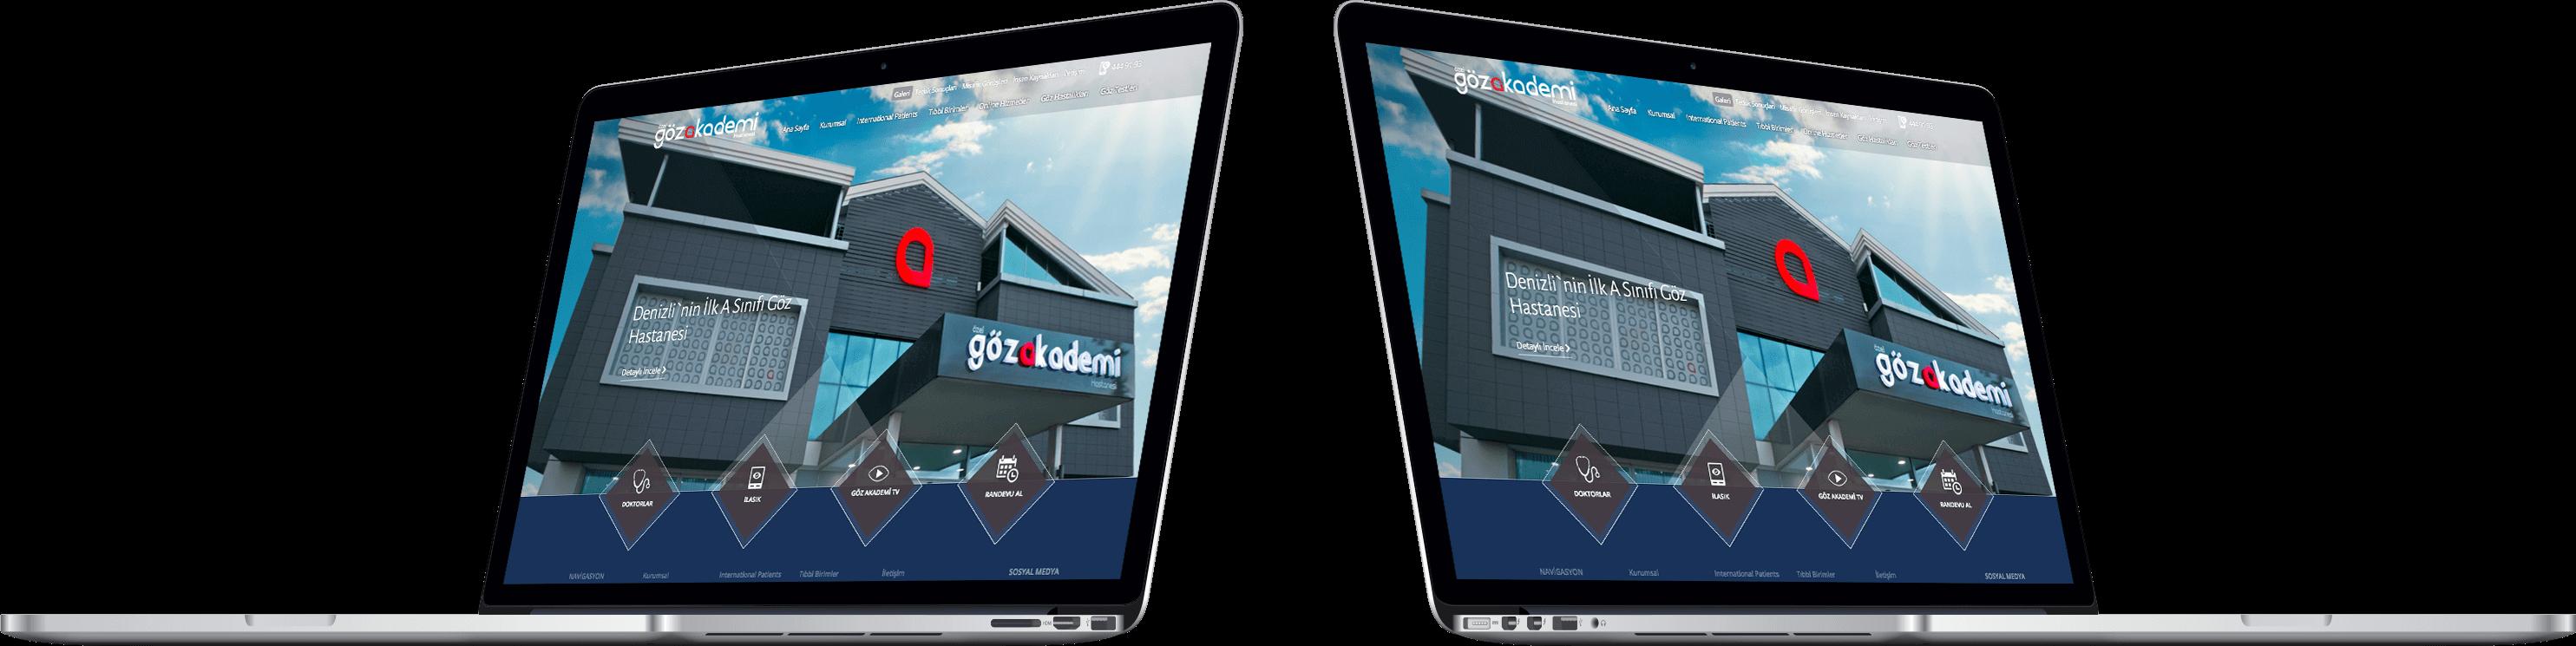 ÖZEL GÖZAKADEMİ HASTANESİ | Web Tasarım